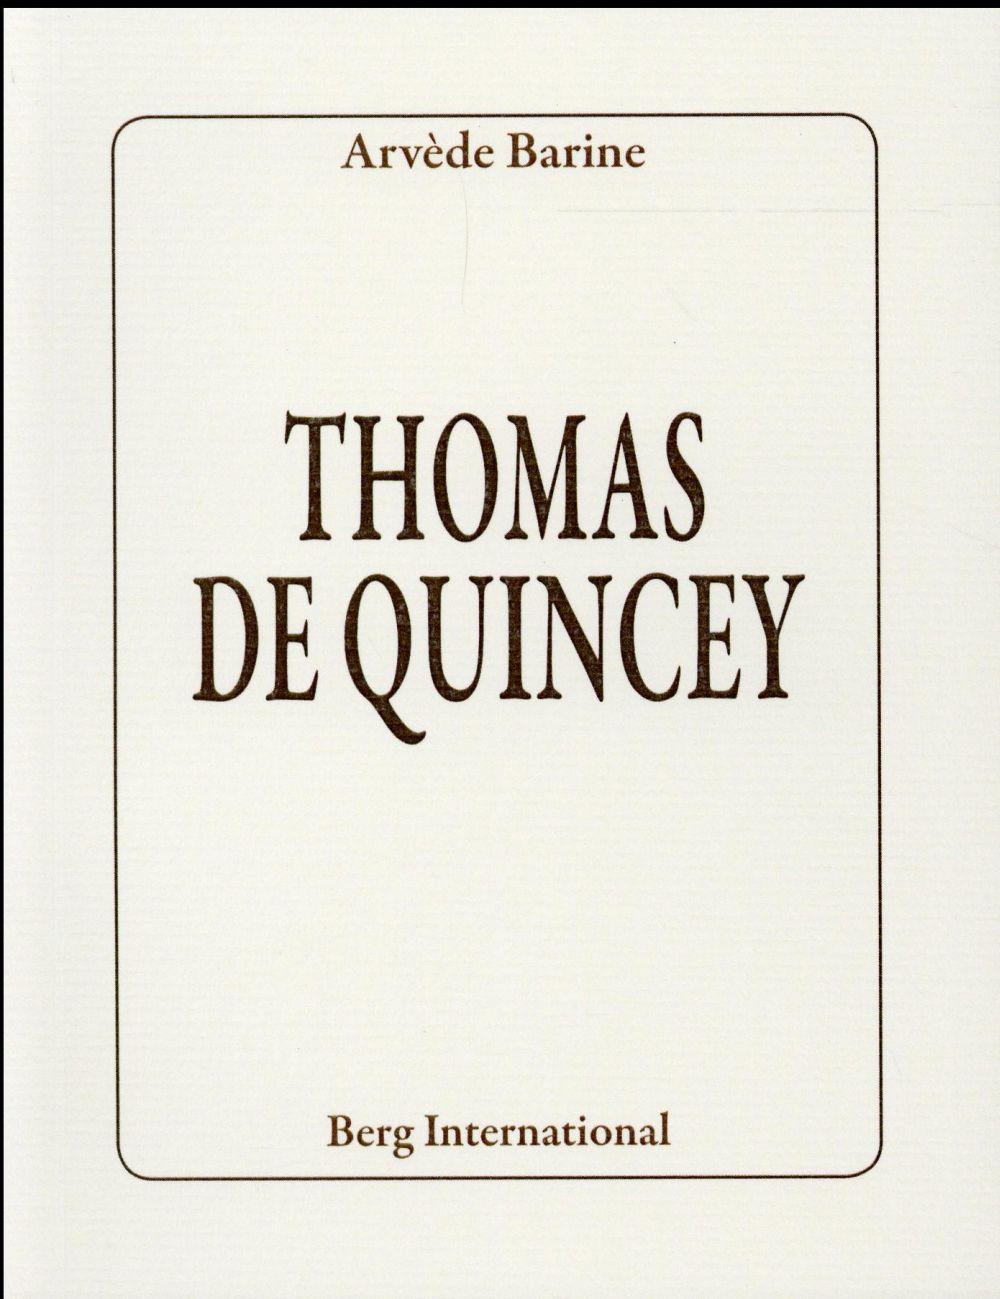 THOMAS DE QUINCEY